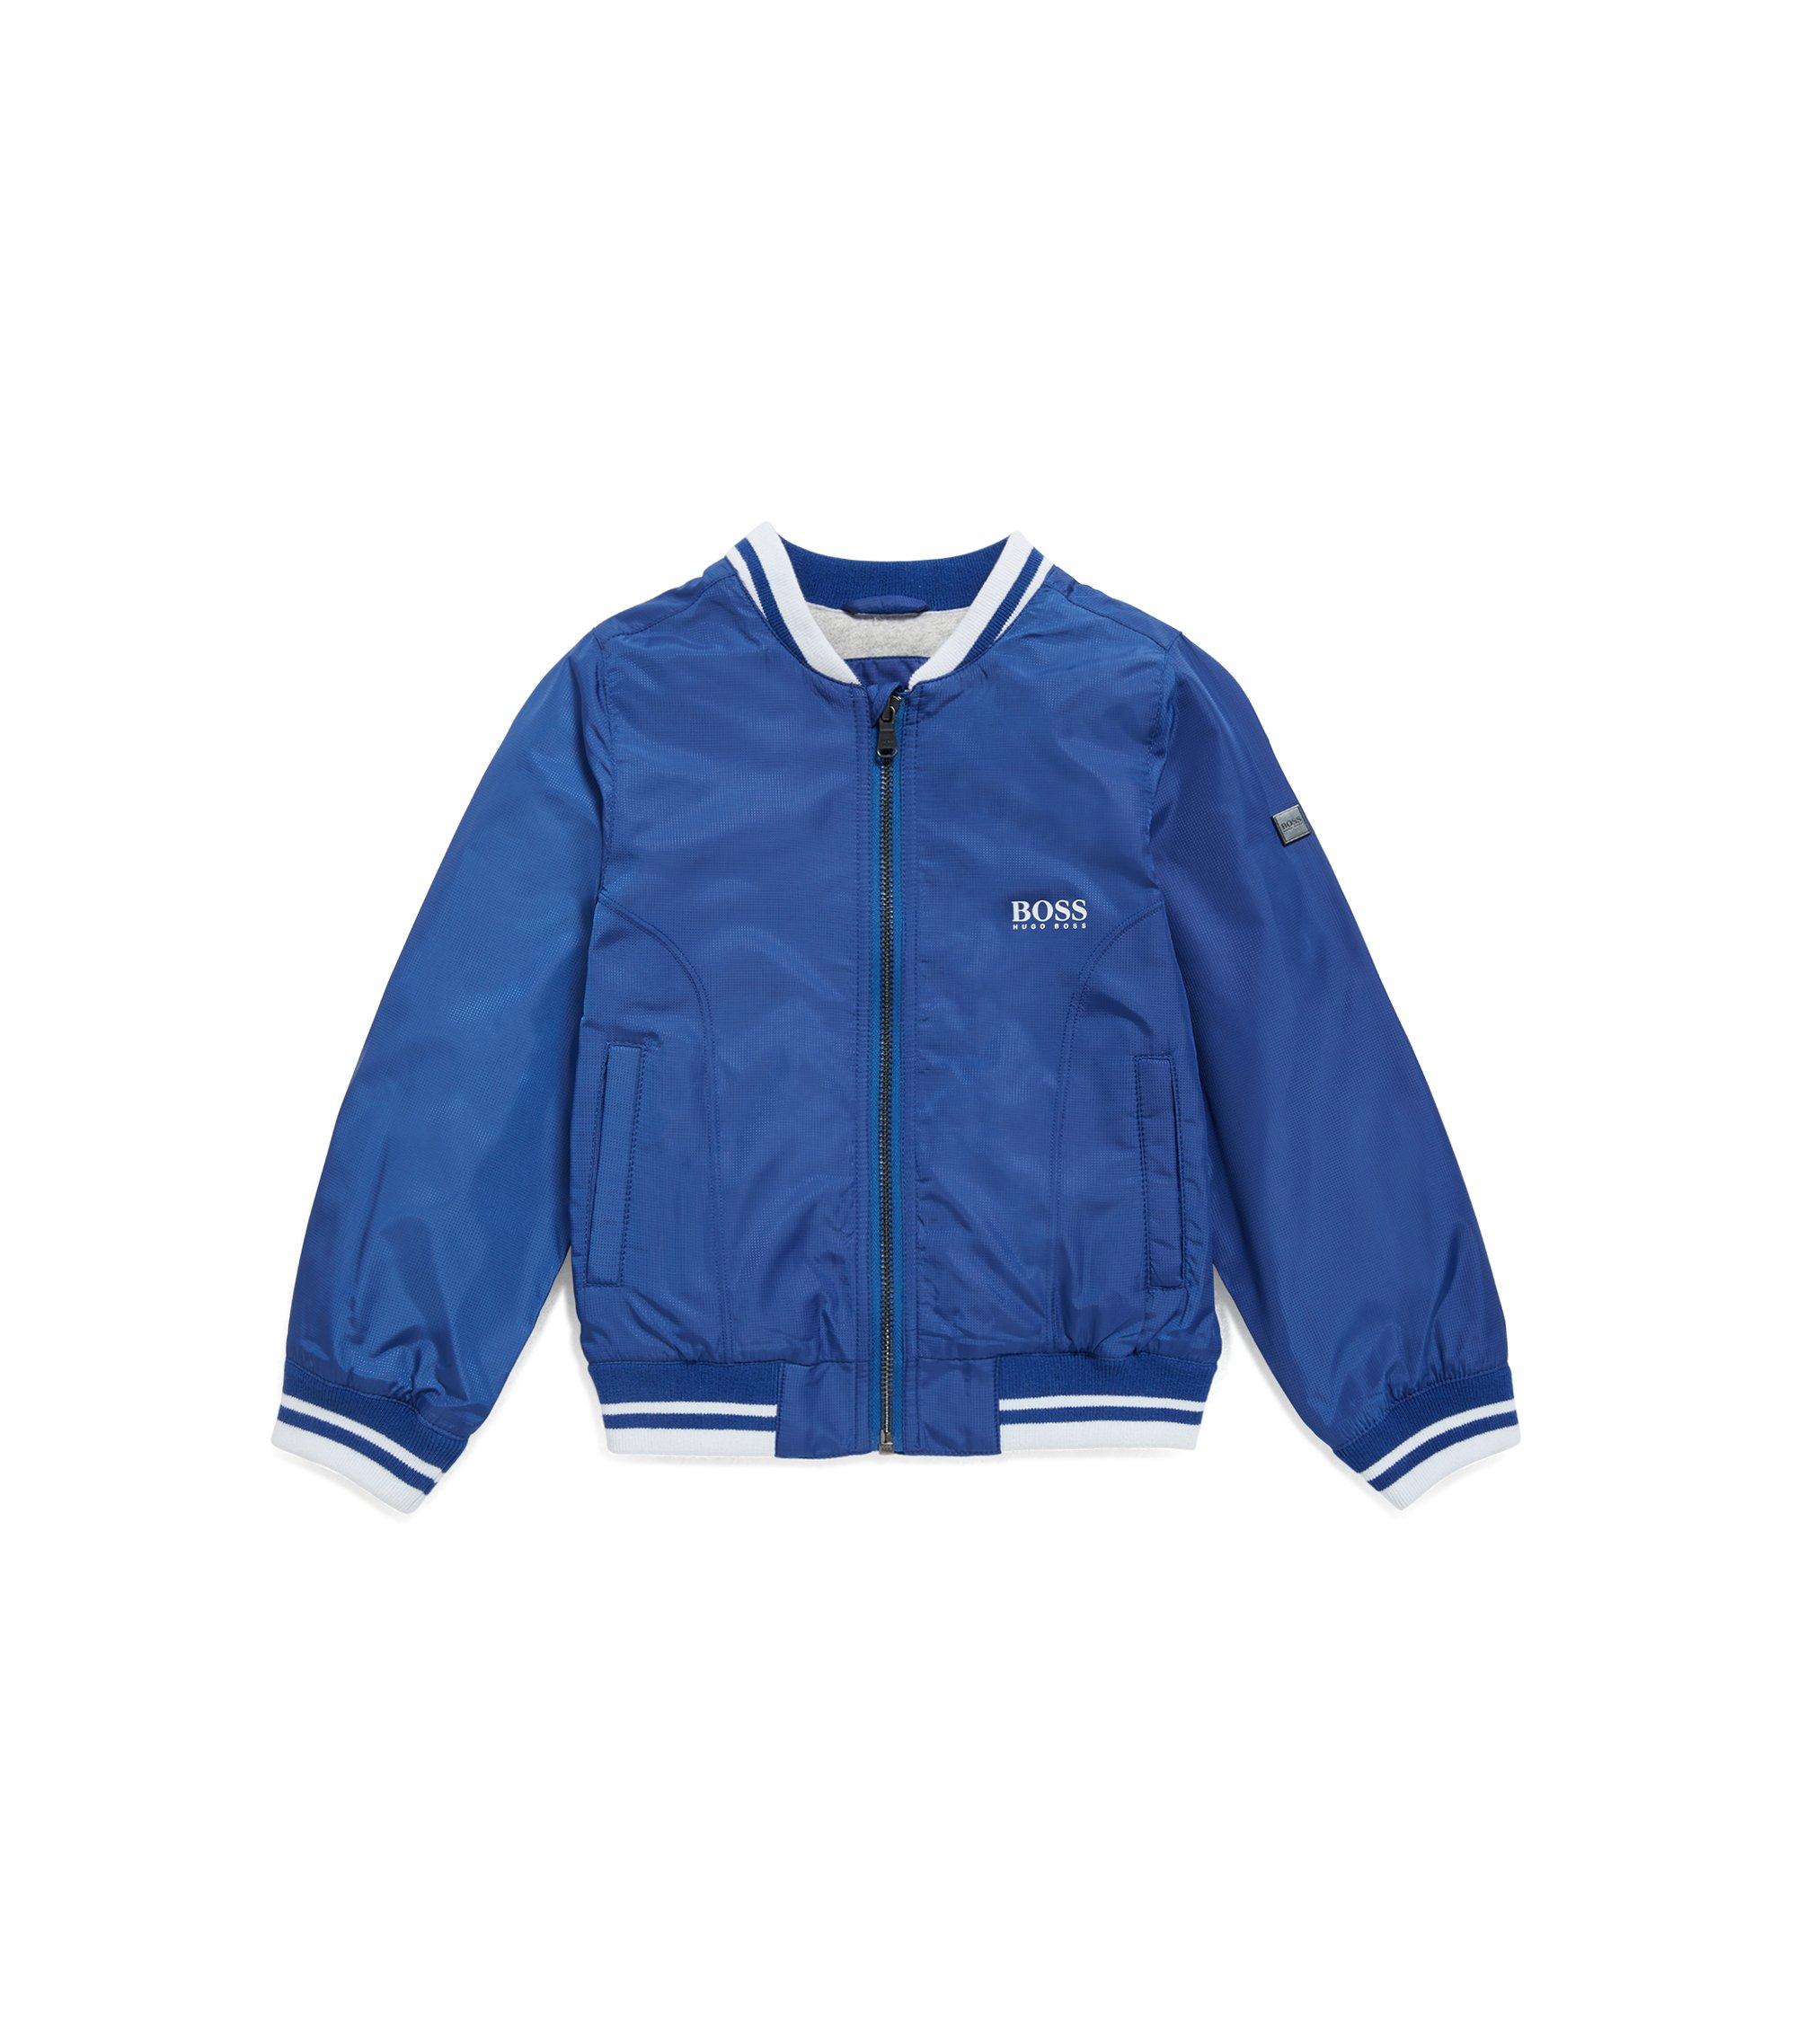 Veste pour enfant à doublure en mesh et jersey, Bleu